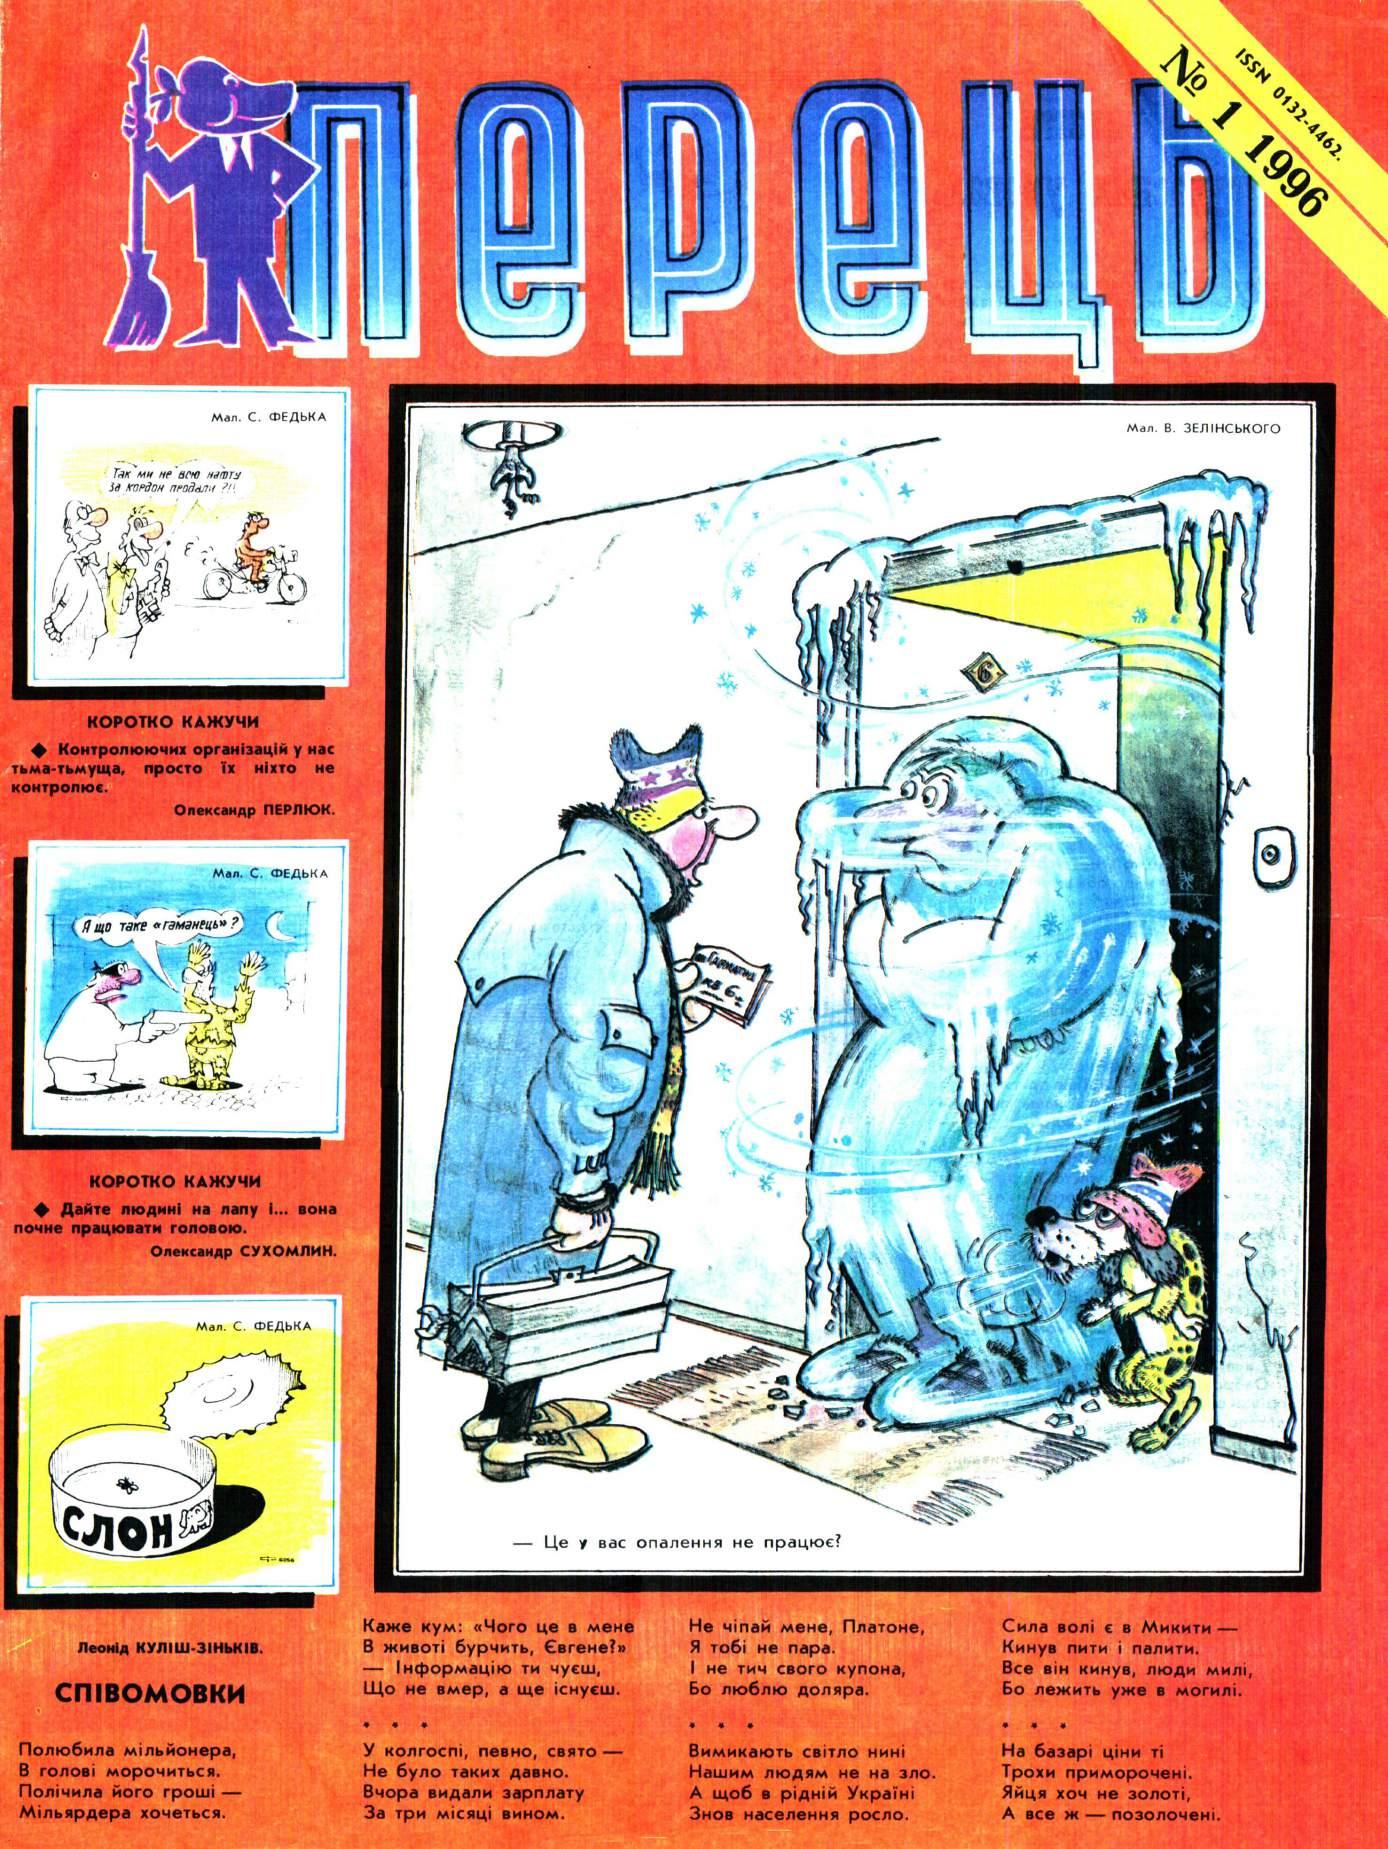 Журнал перець 1996 №01